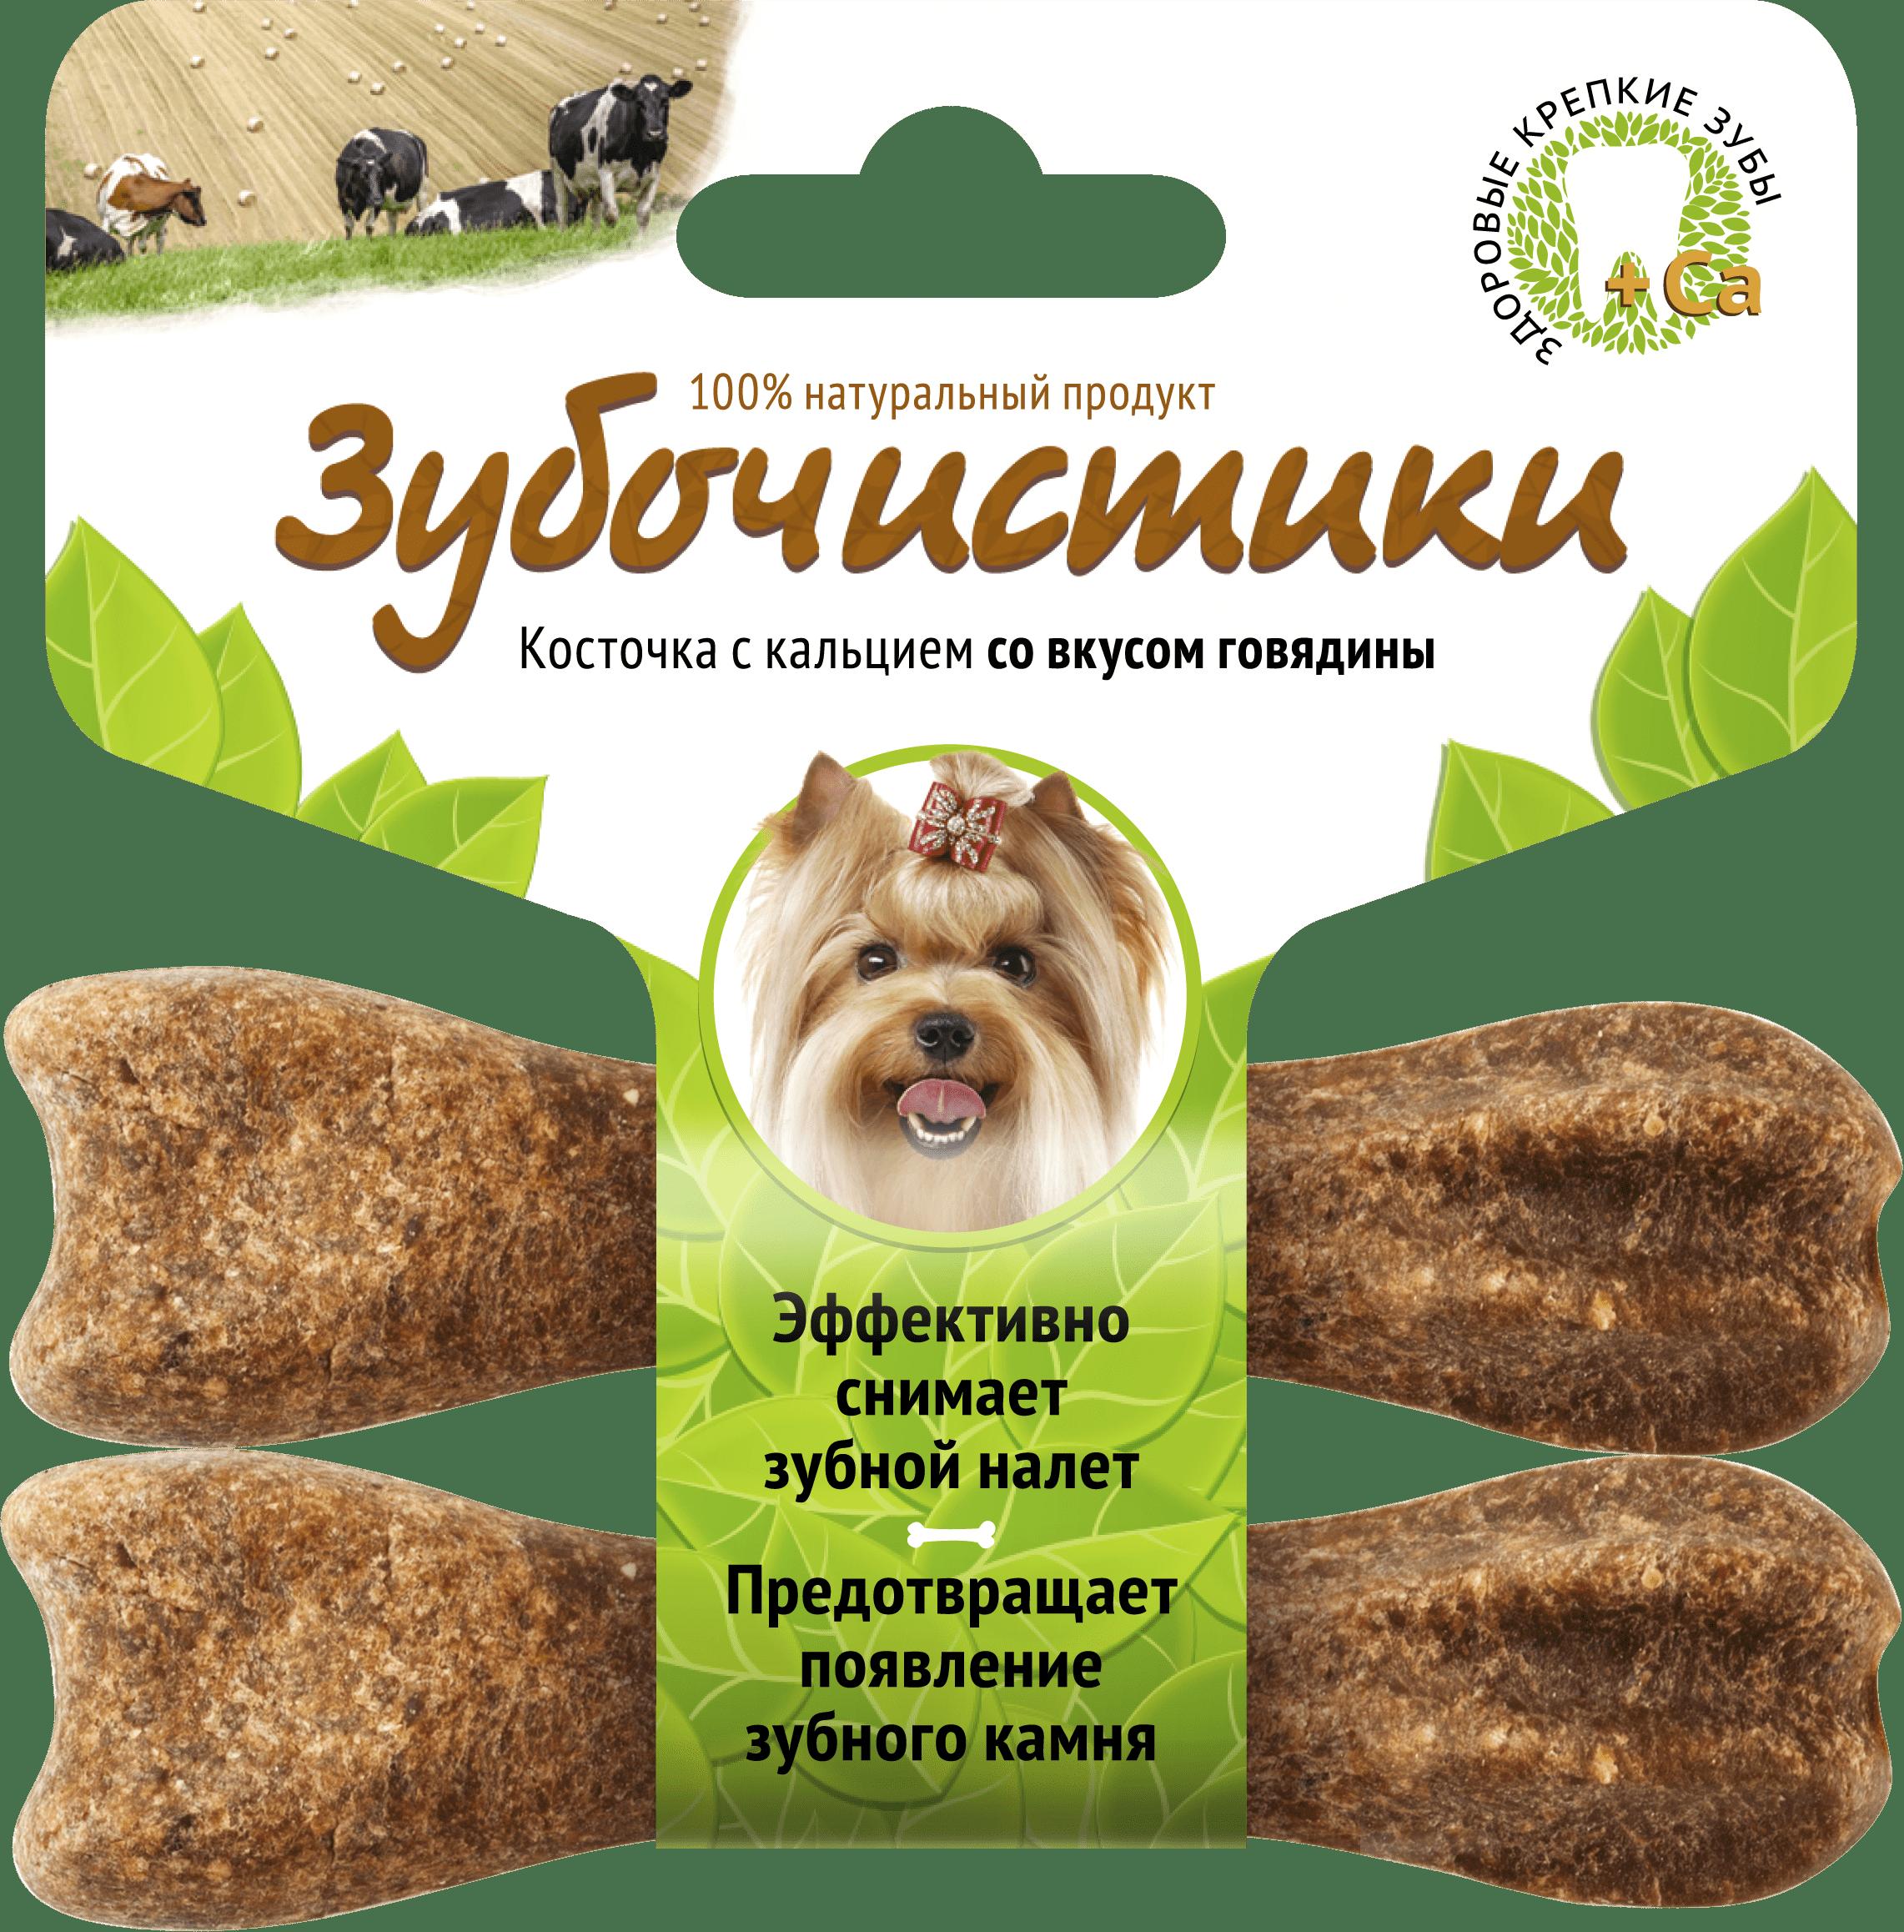 """Зубочистики """"Зубочистики"""" для собак мелких пород со вкусом говядины (2*18г) 73303778 Kormberi.ru магазин товаров для ваших животных"""